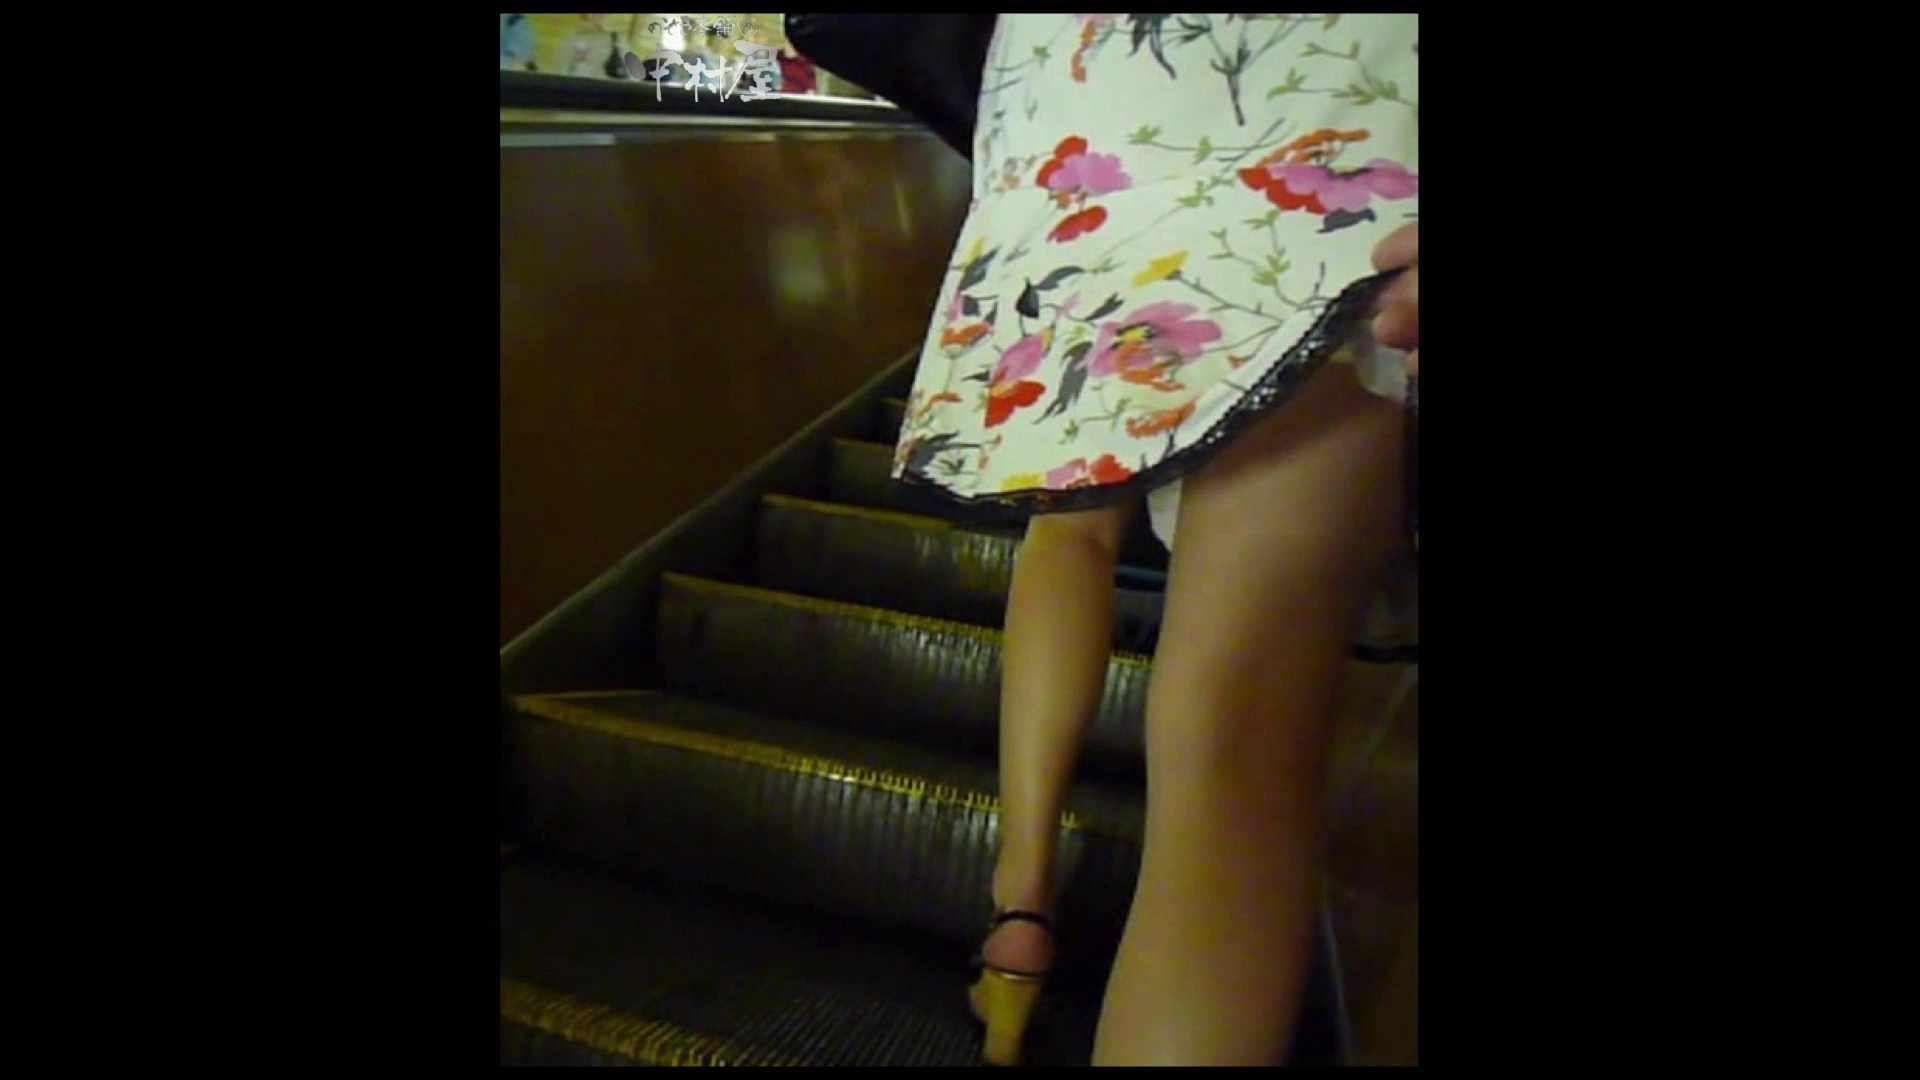 綺麗なモデルさんのスカート捲っちゃおう‼ vol29 OLのエロ生活  83連発 72